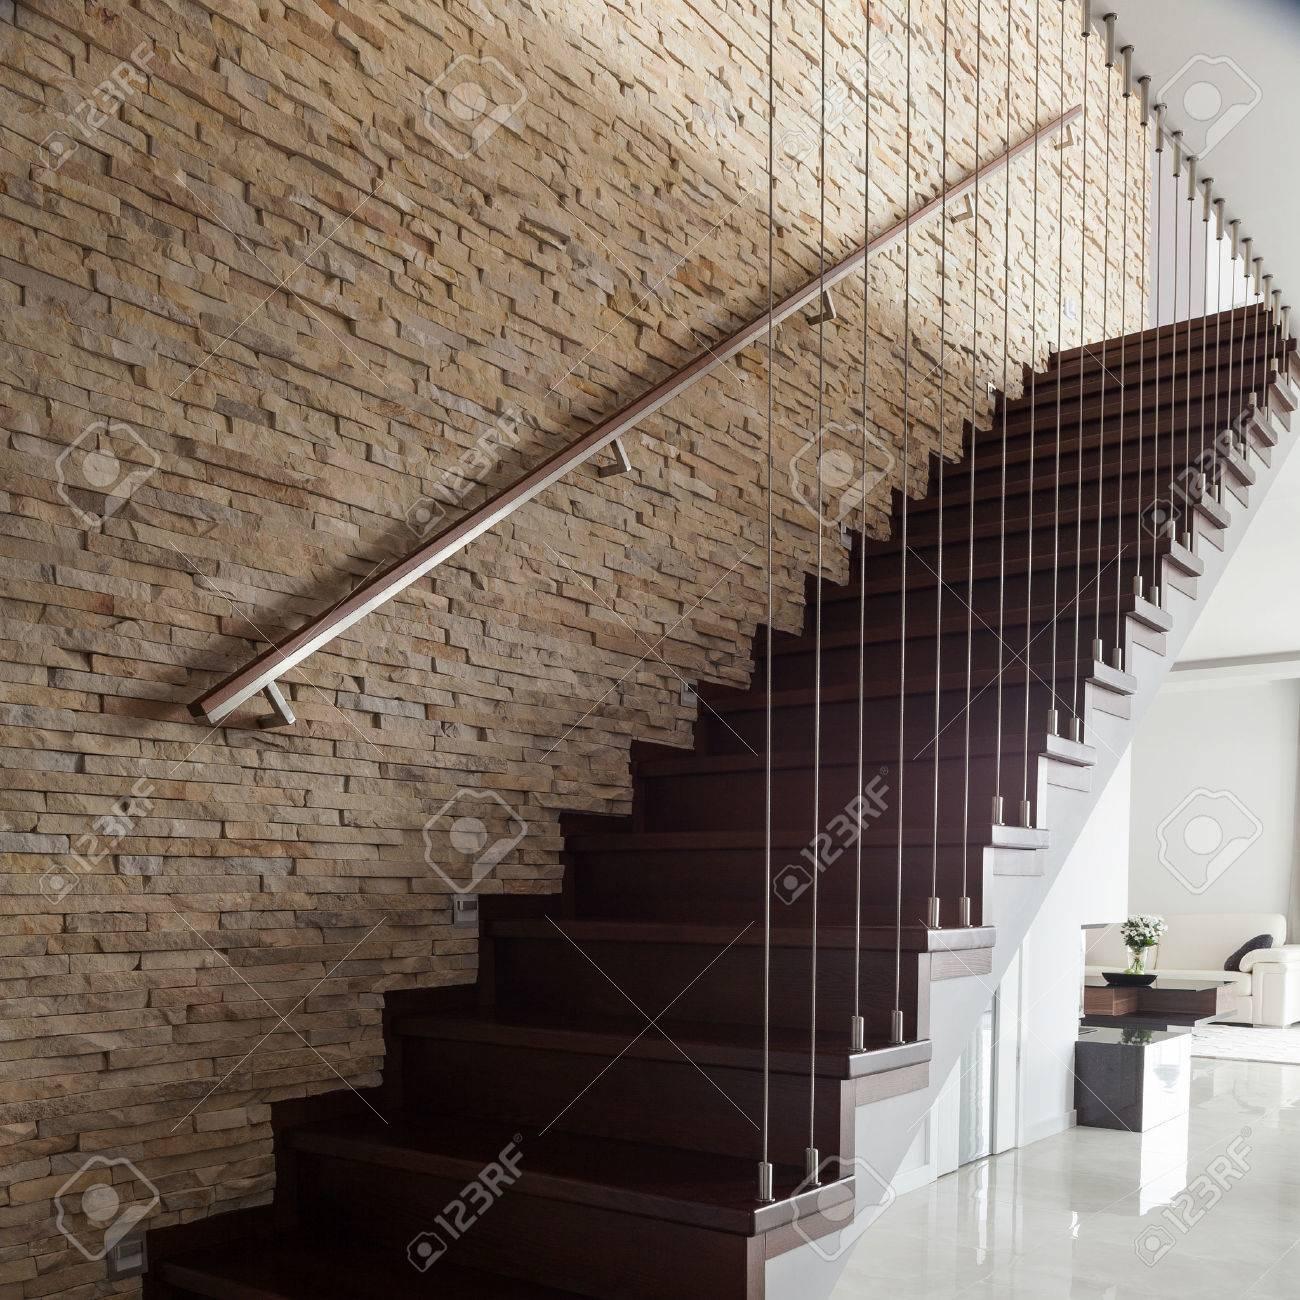 Mur de brique et escaliers en bois en intérieur conçu